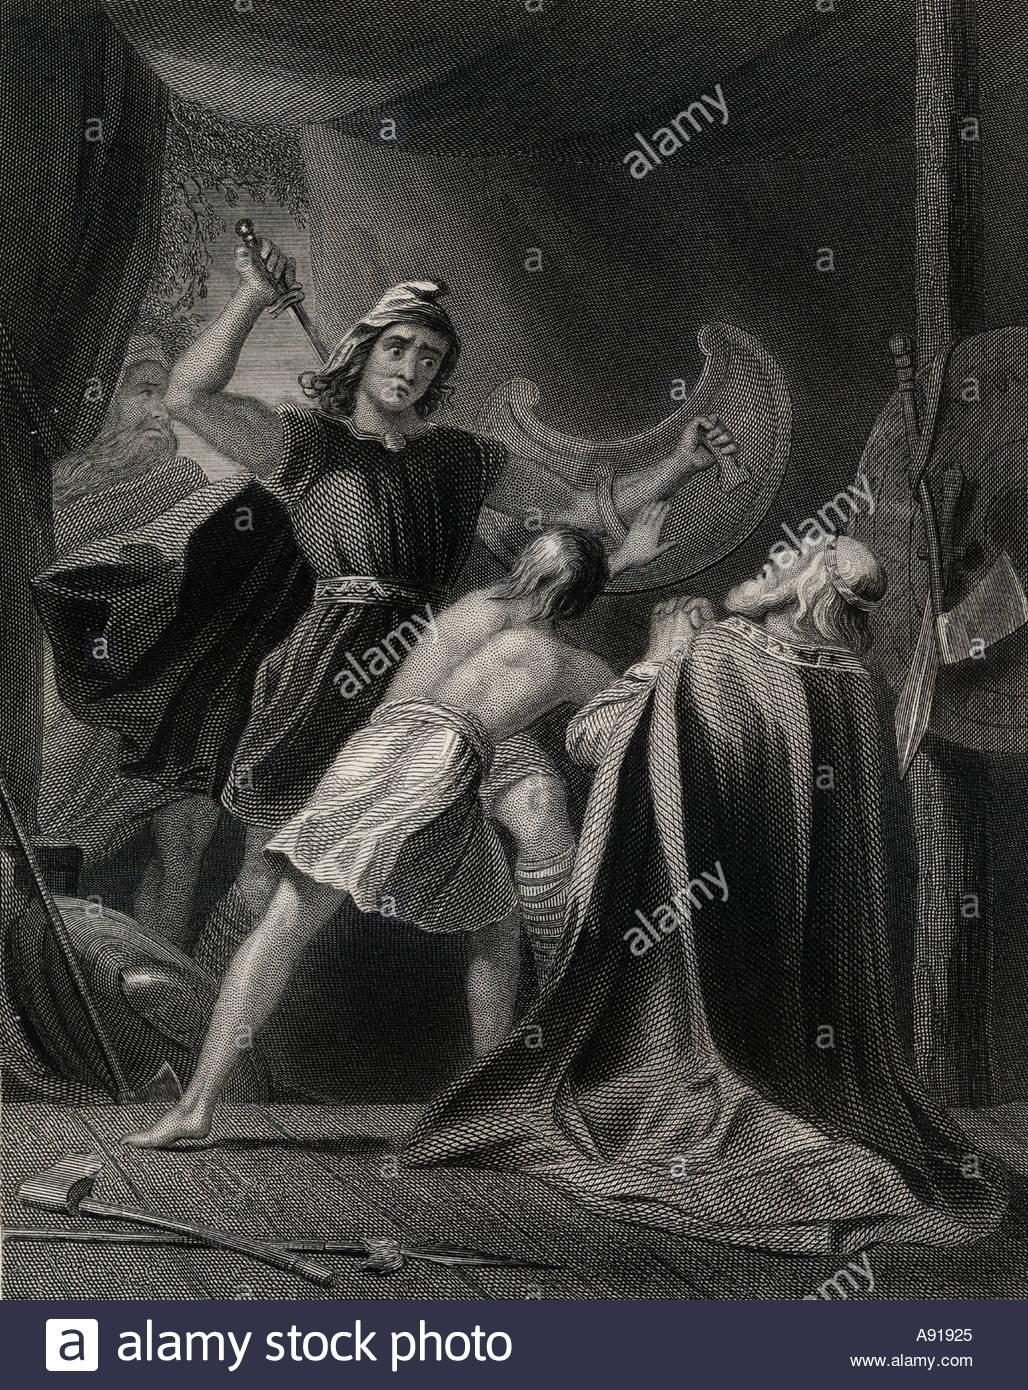 Death of Brian Boru. Brian Boru, c. 941 – 1014. High King